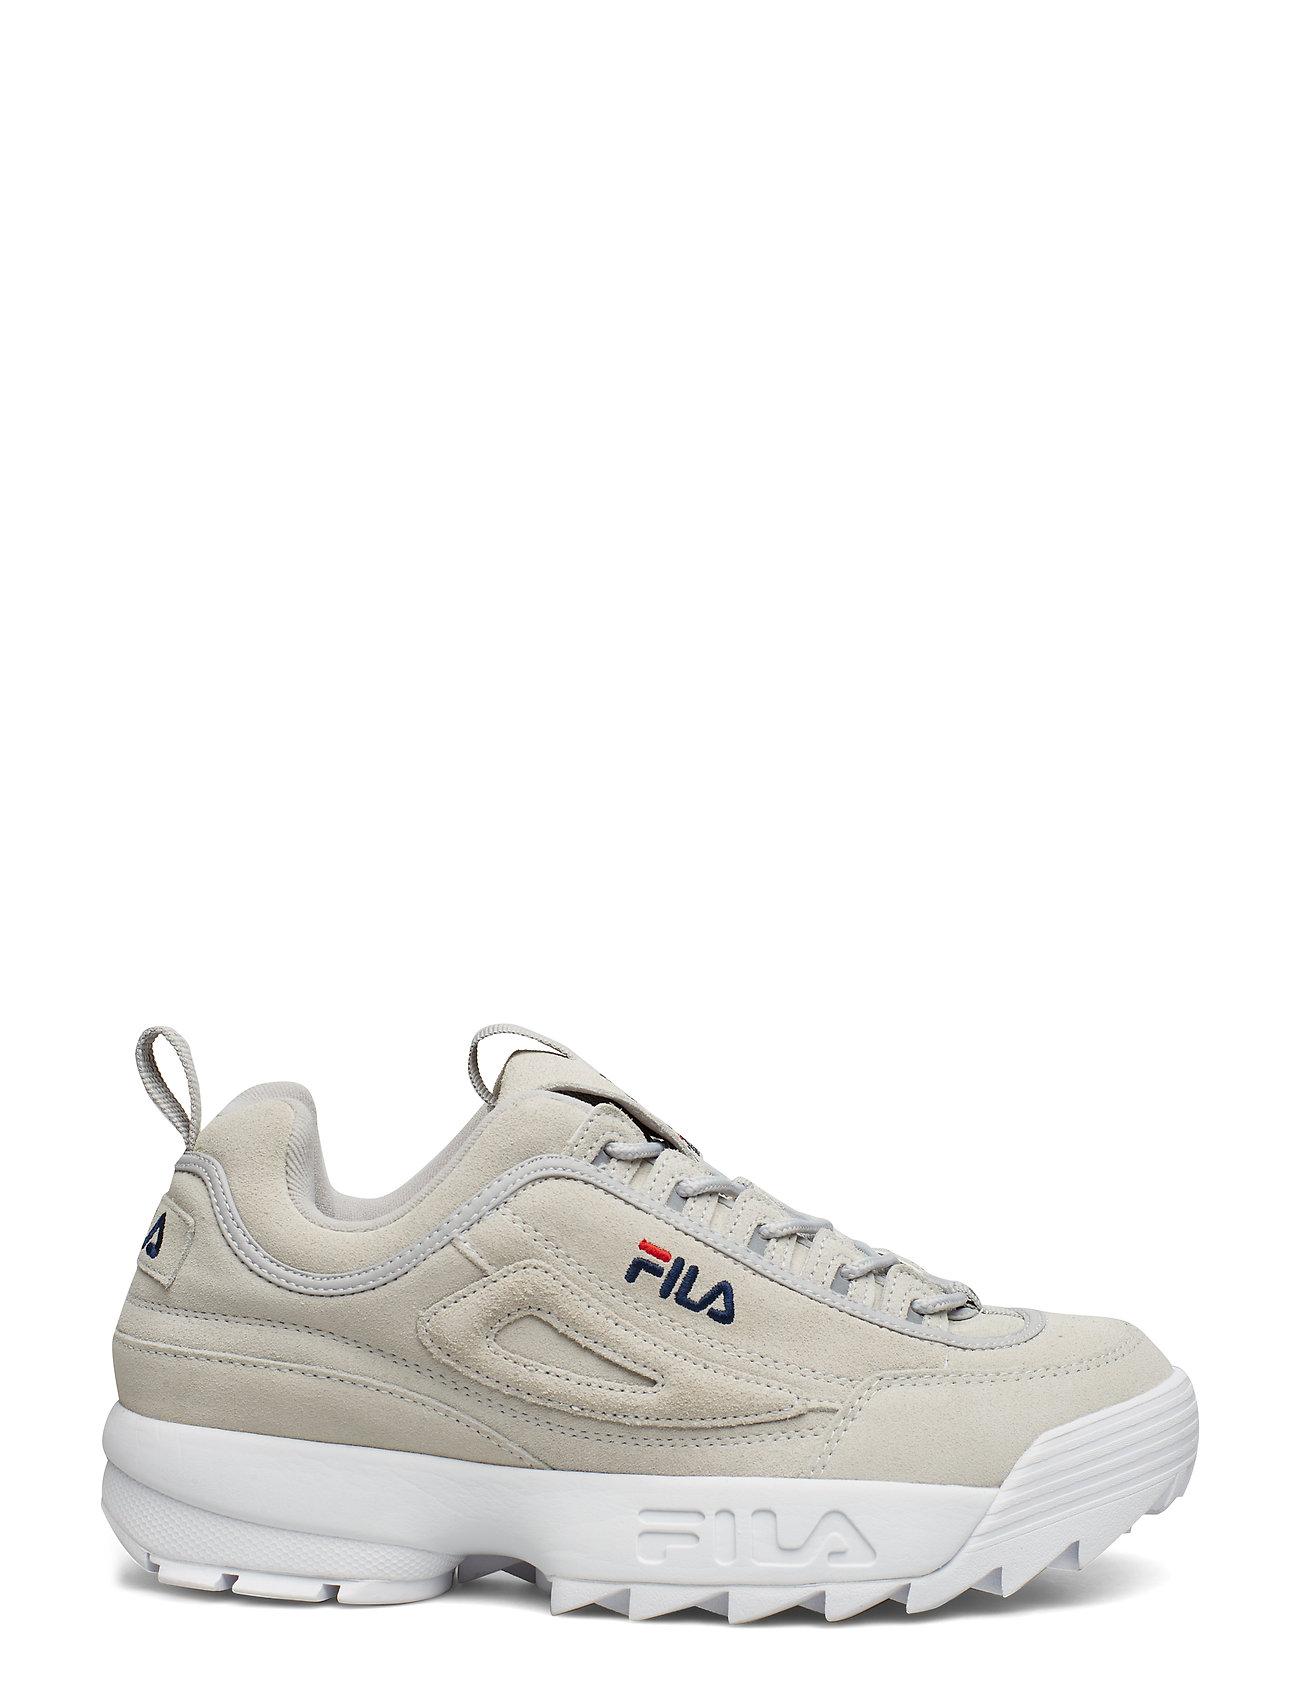 Hvide Fila Low top sneakers   Altid billige online priser på